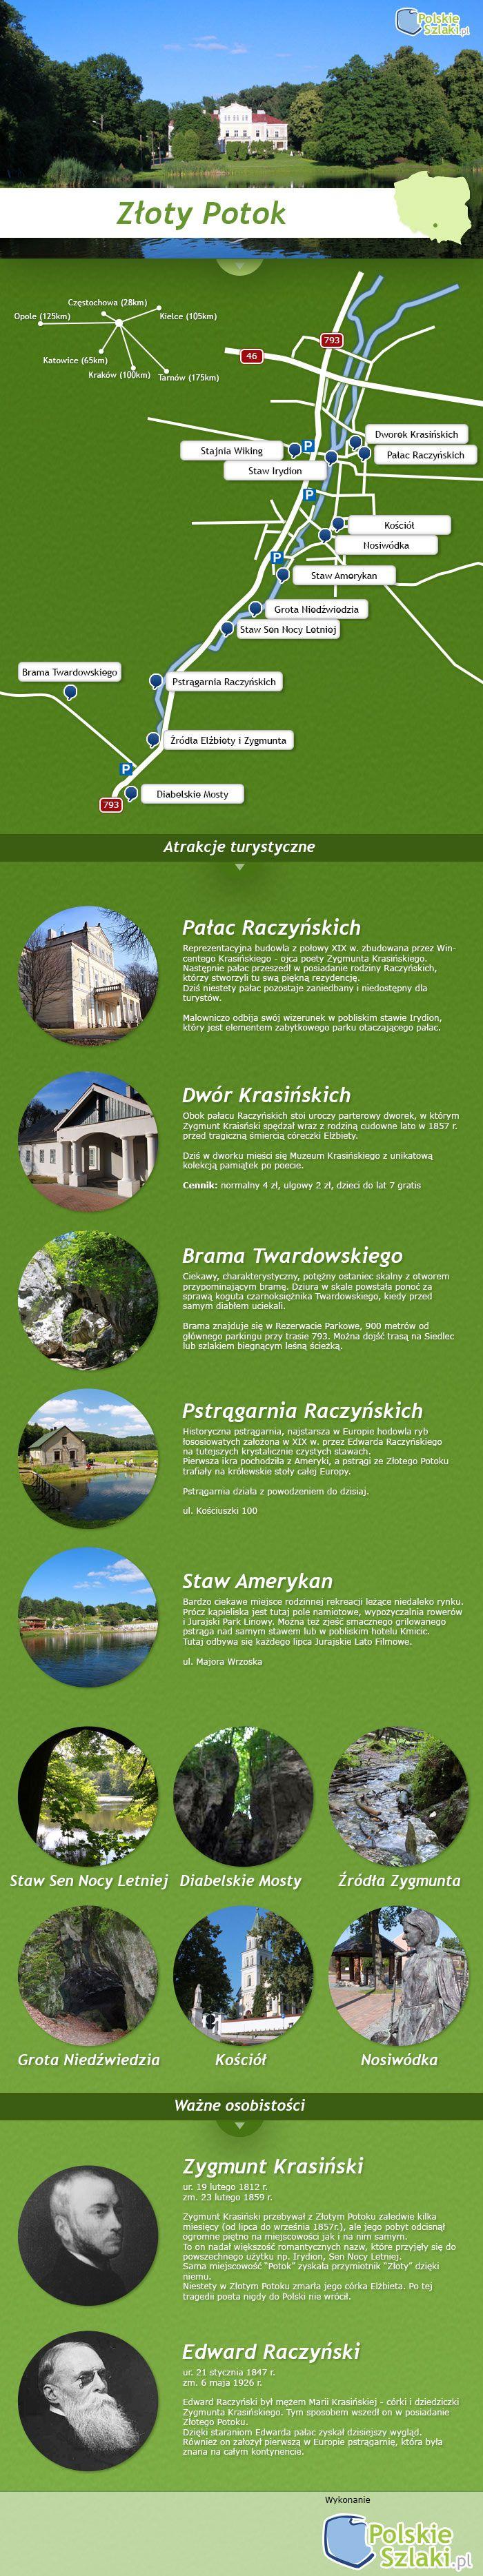 Złoty Potok - infografika - wycieczki, ciekawe miejsca i atrakcje turystyczne w Polsce